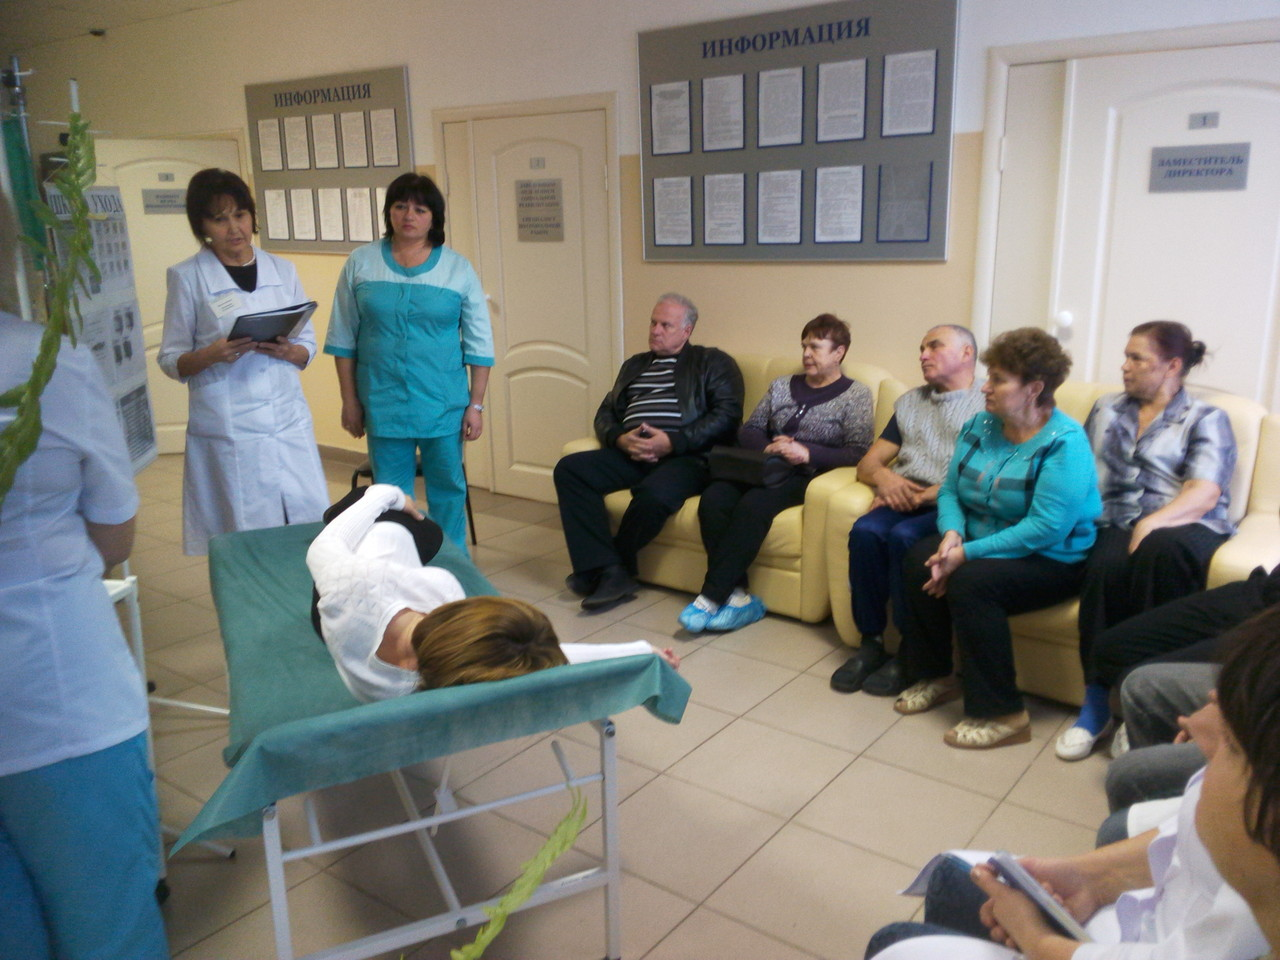 Социальная помощь по уходу за лежачим больным дом престарелых киров ленина 200 официальный сайт